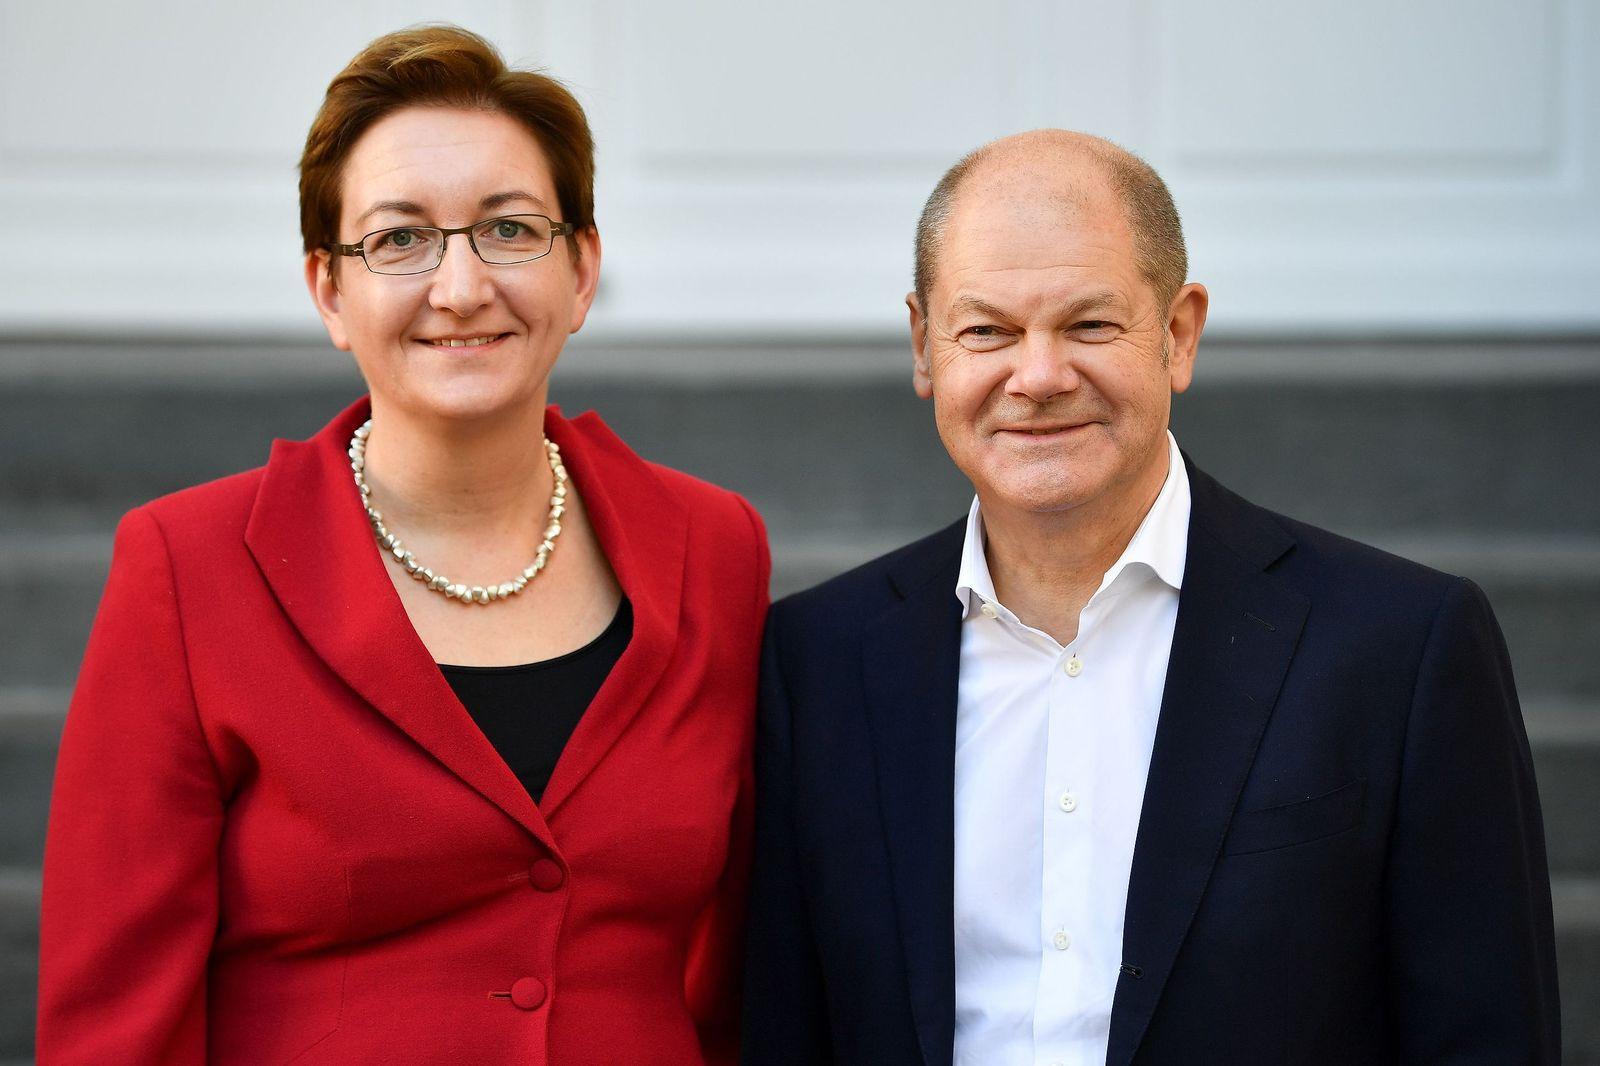 SPD/ Klara Geywitz/ Olaf Scholz